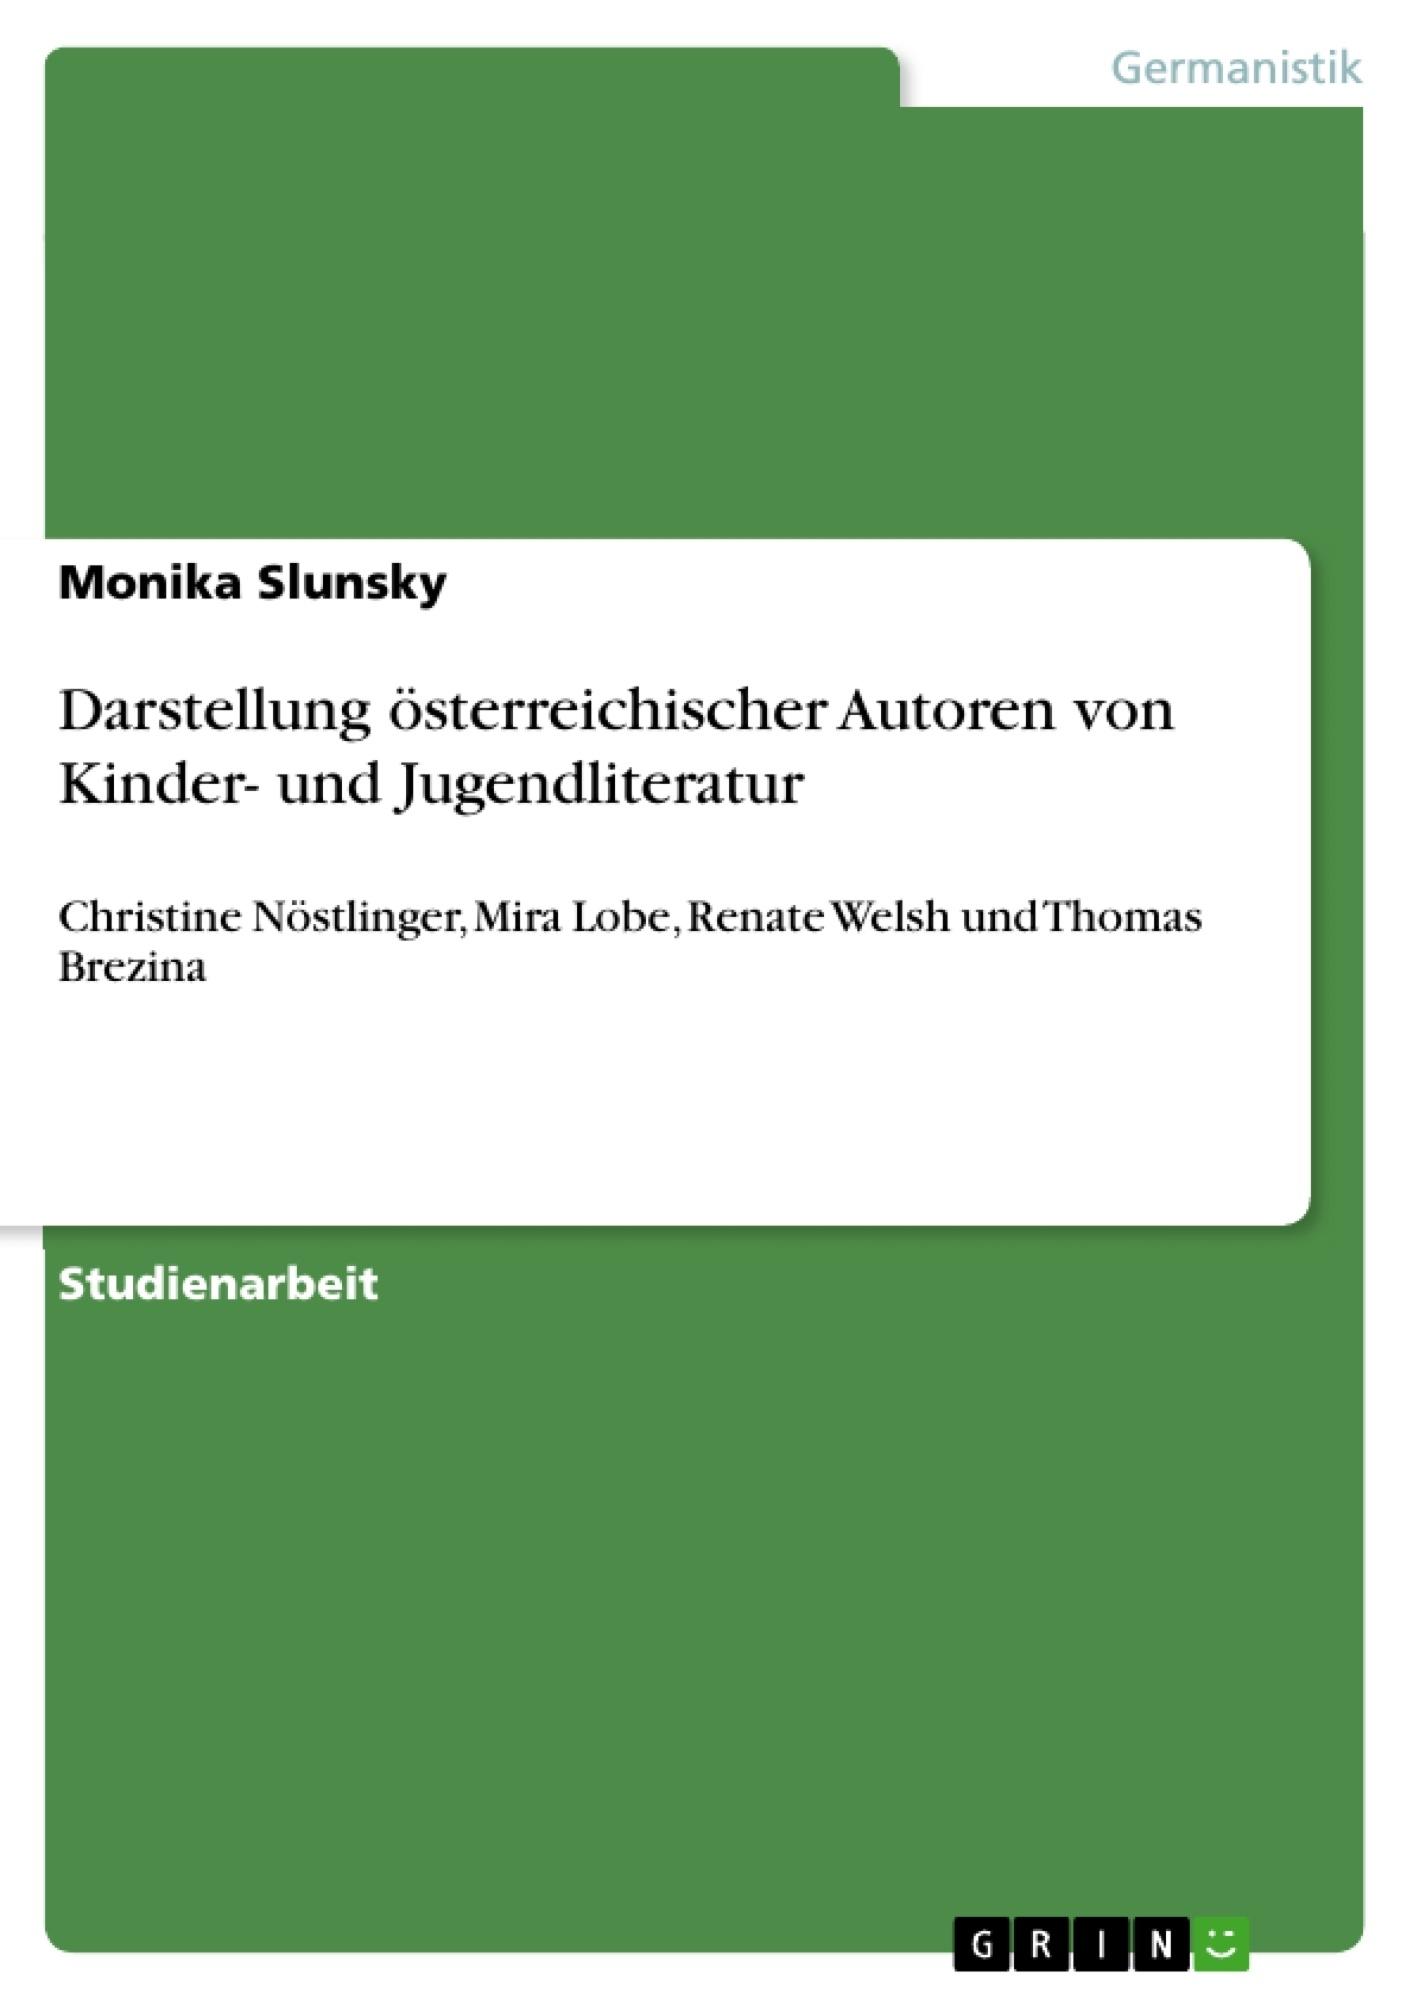 Titel: Darstellung österreichischer Autoren von Kinder- und Jugendliteratur